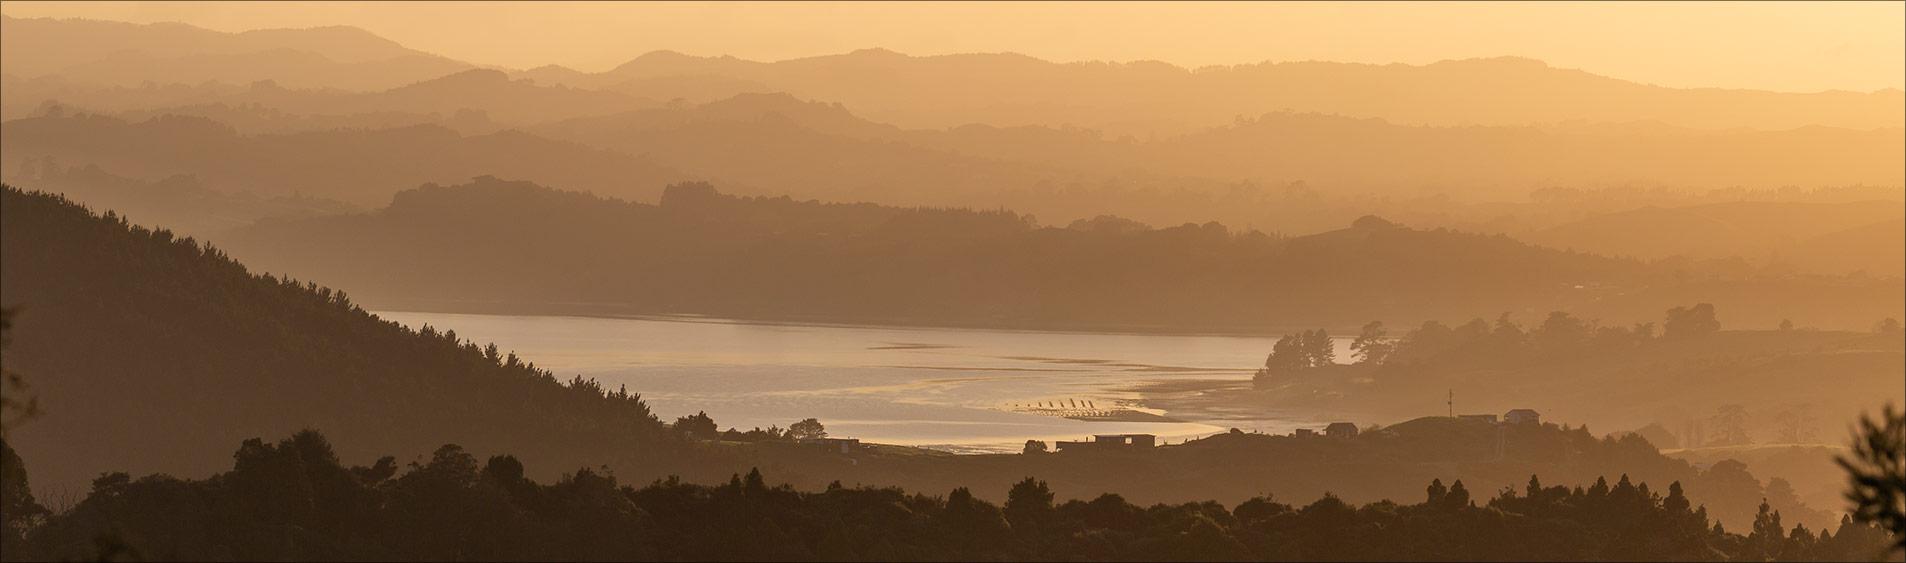 Kaipara-landscape-Robert-Mora-photography